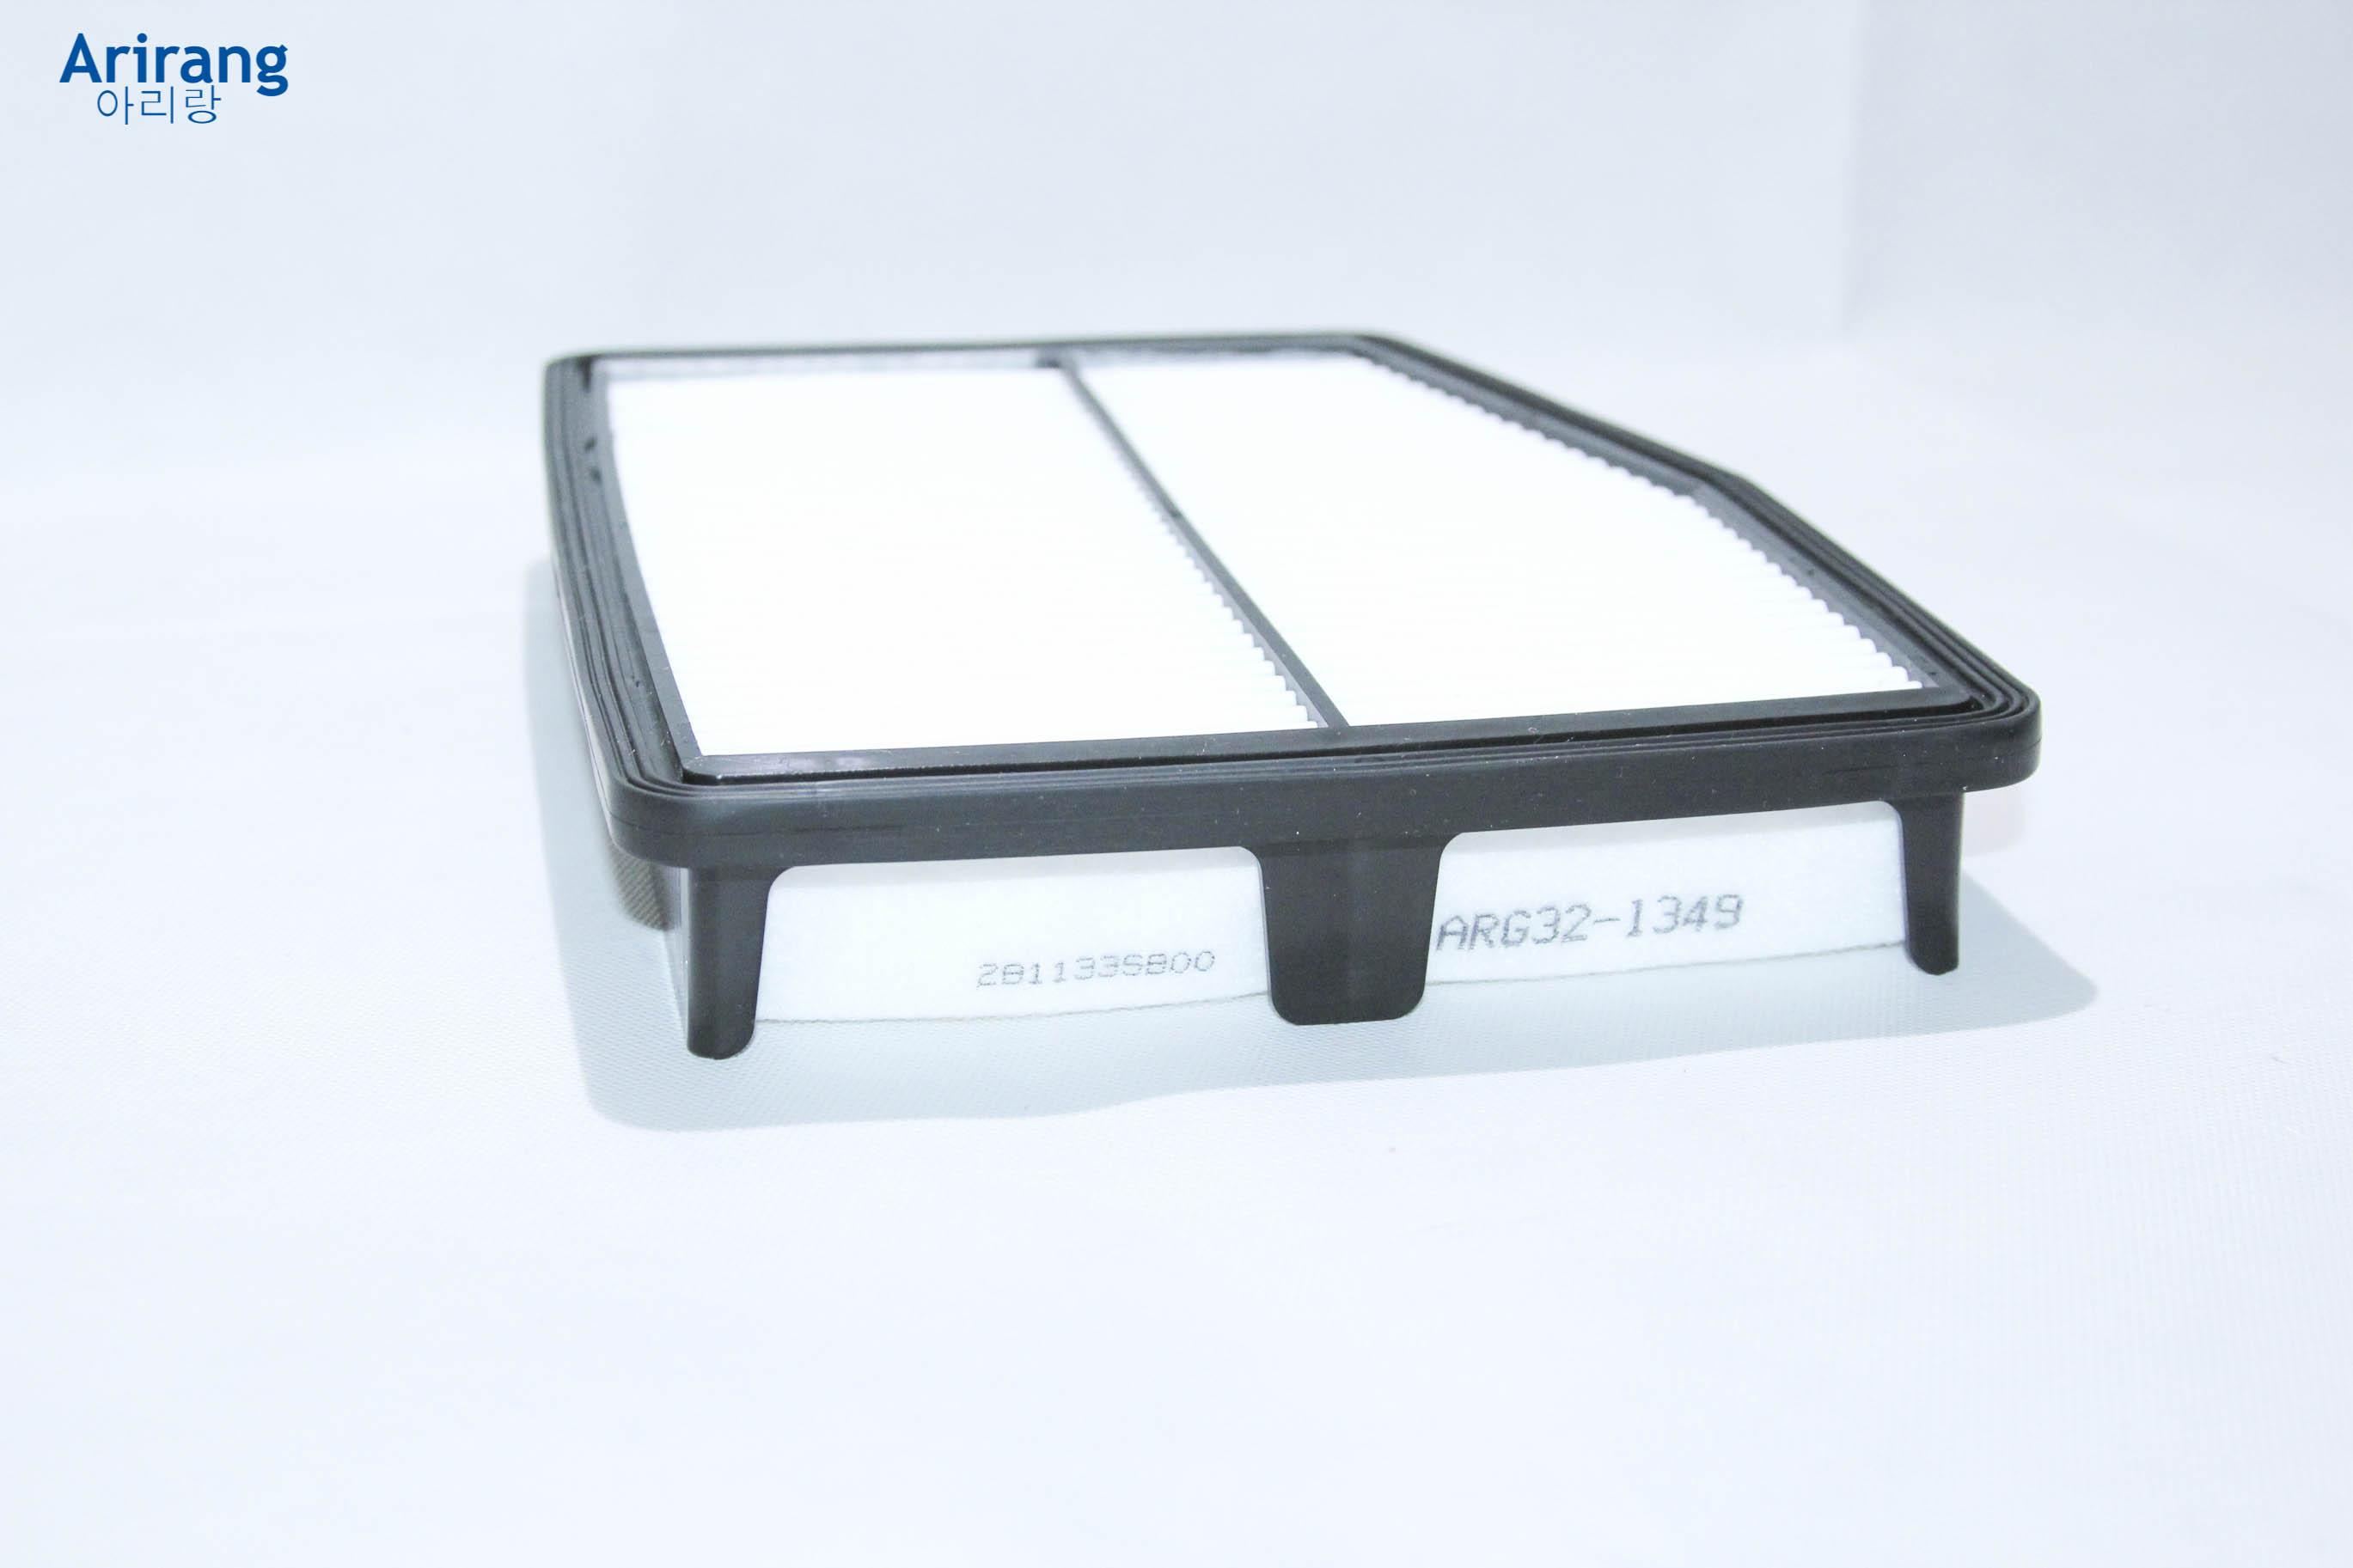 Фильтр воздушный Kia Optima (G4KD) (28113-3S800) Arirang